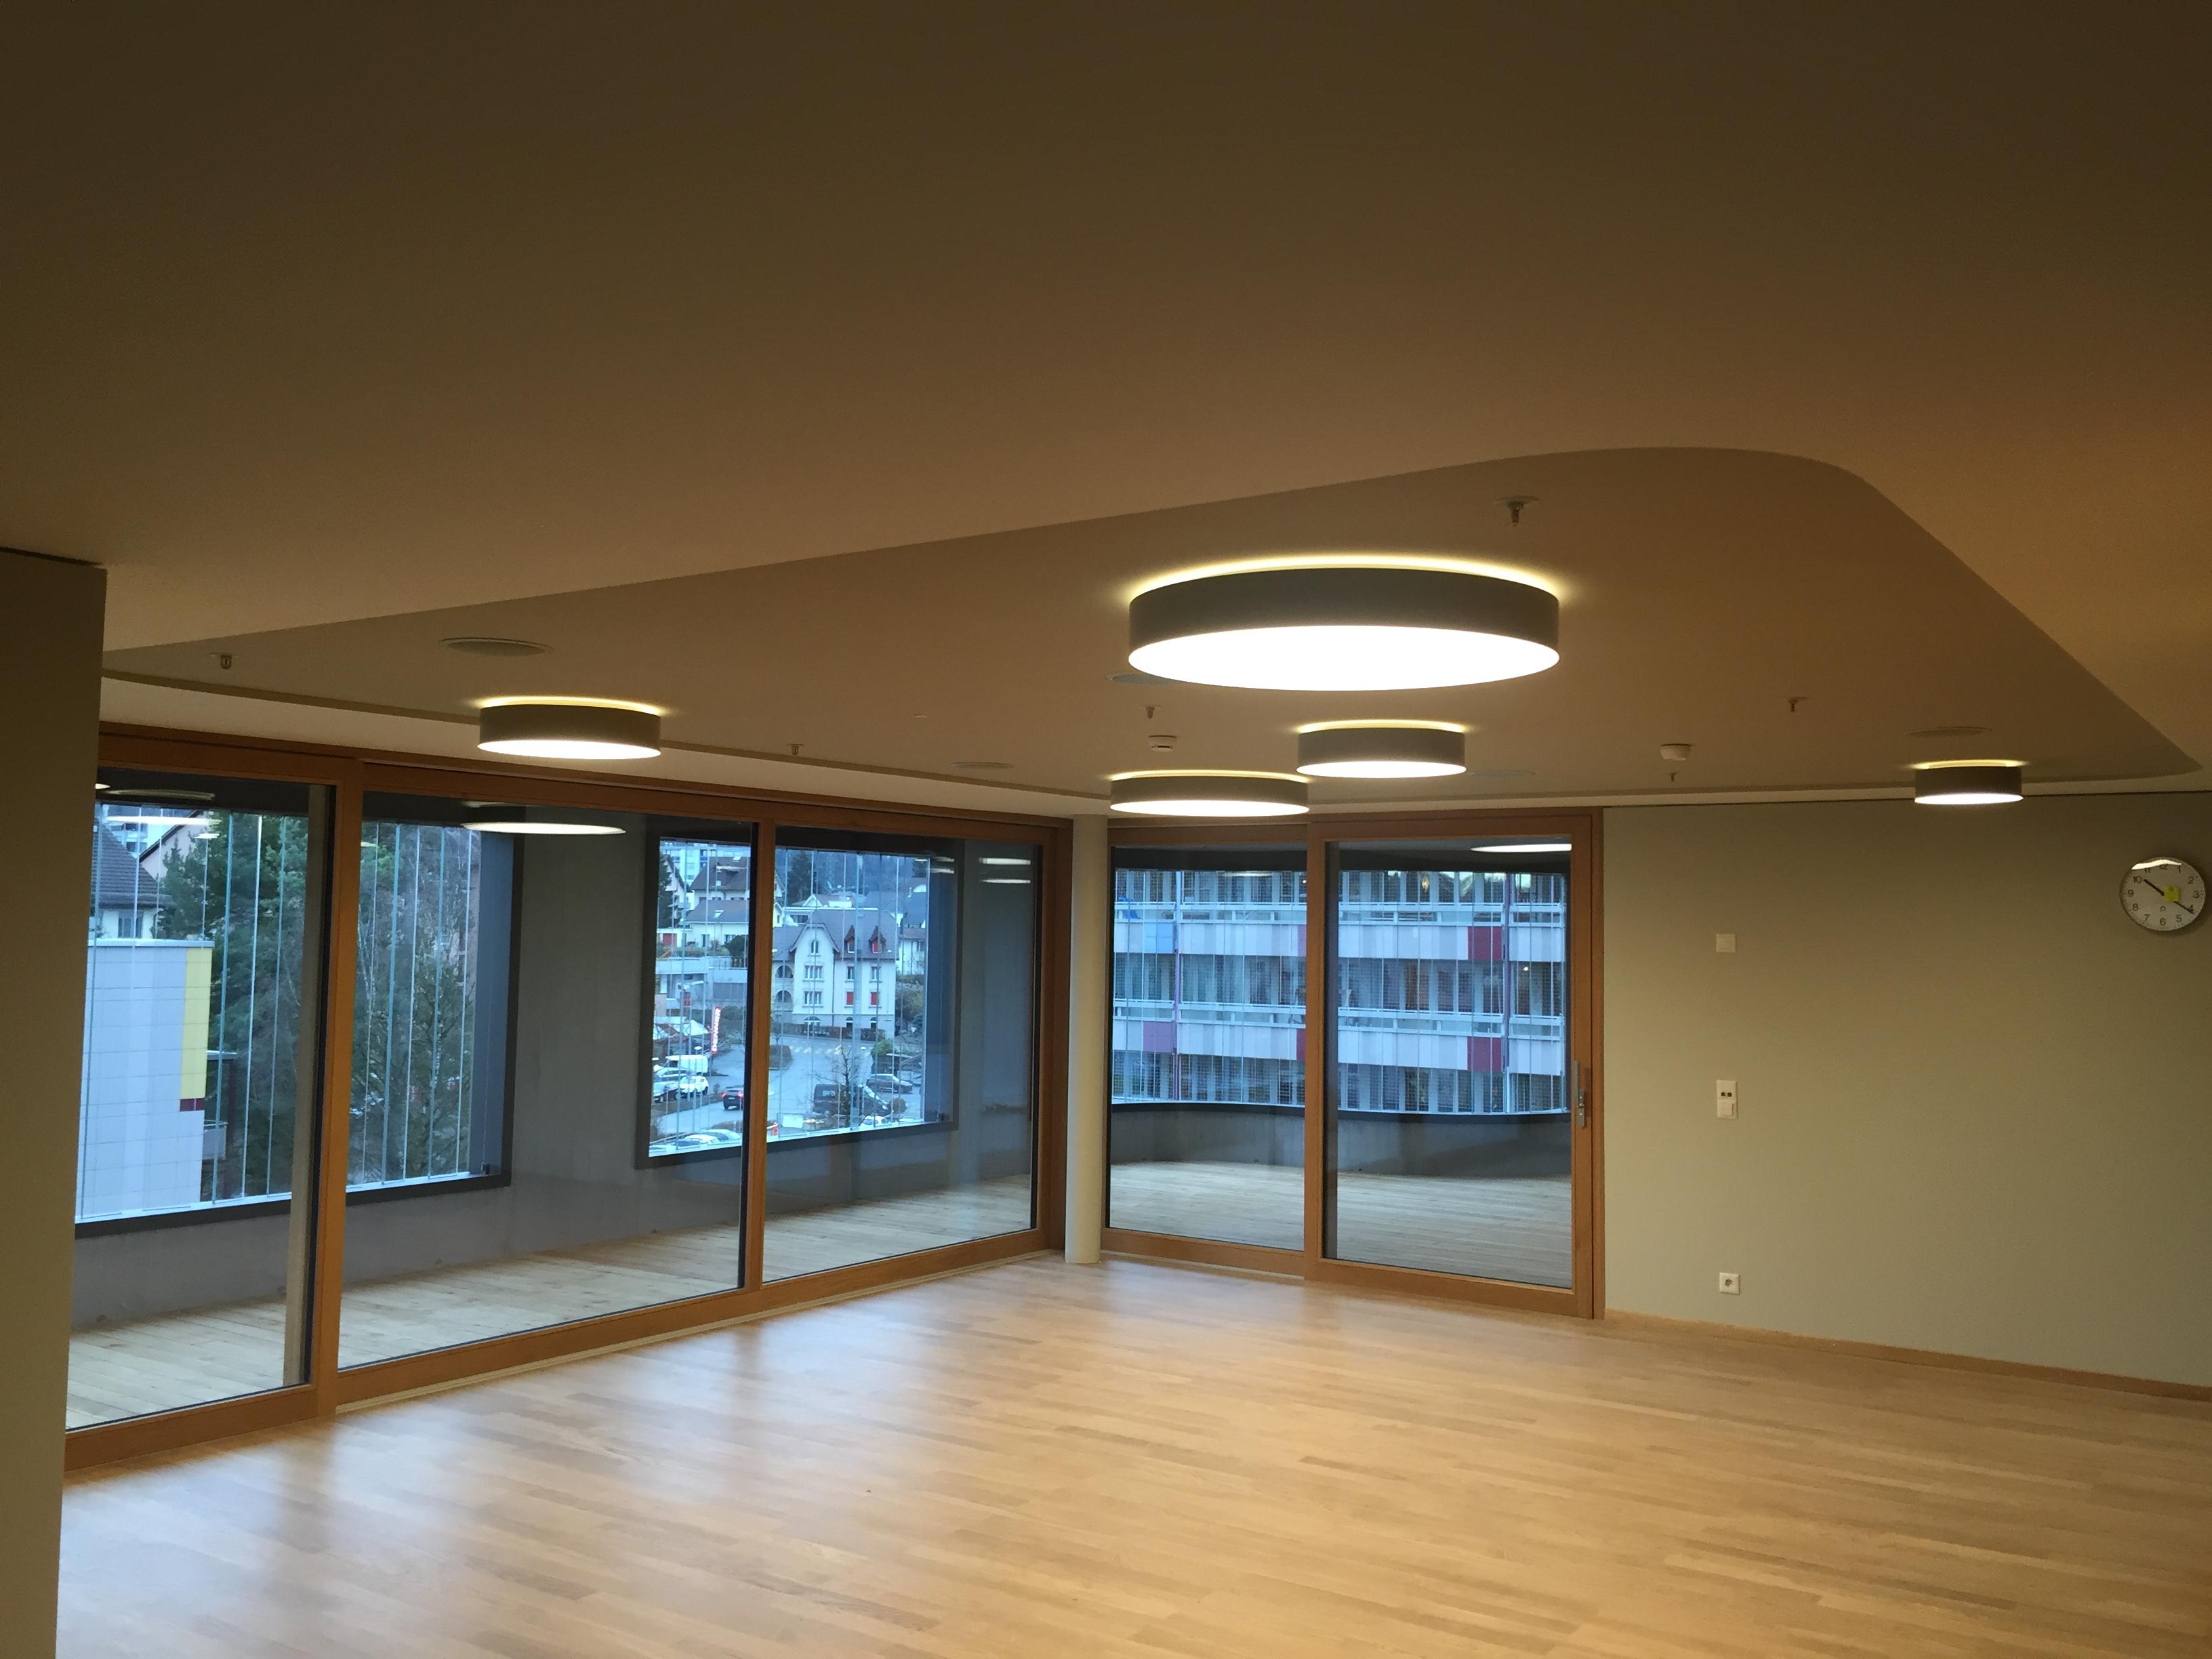 Bild Innenraum Beleuchtung